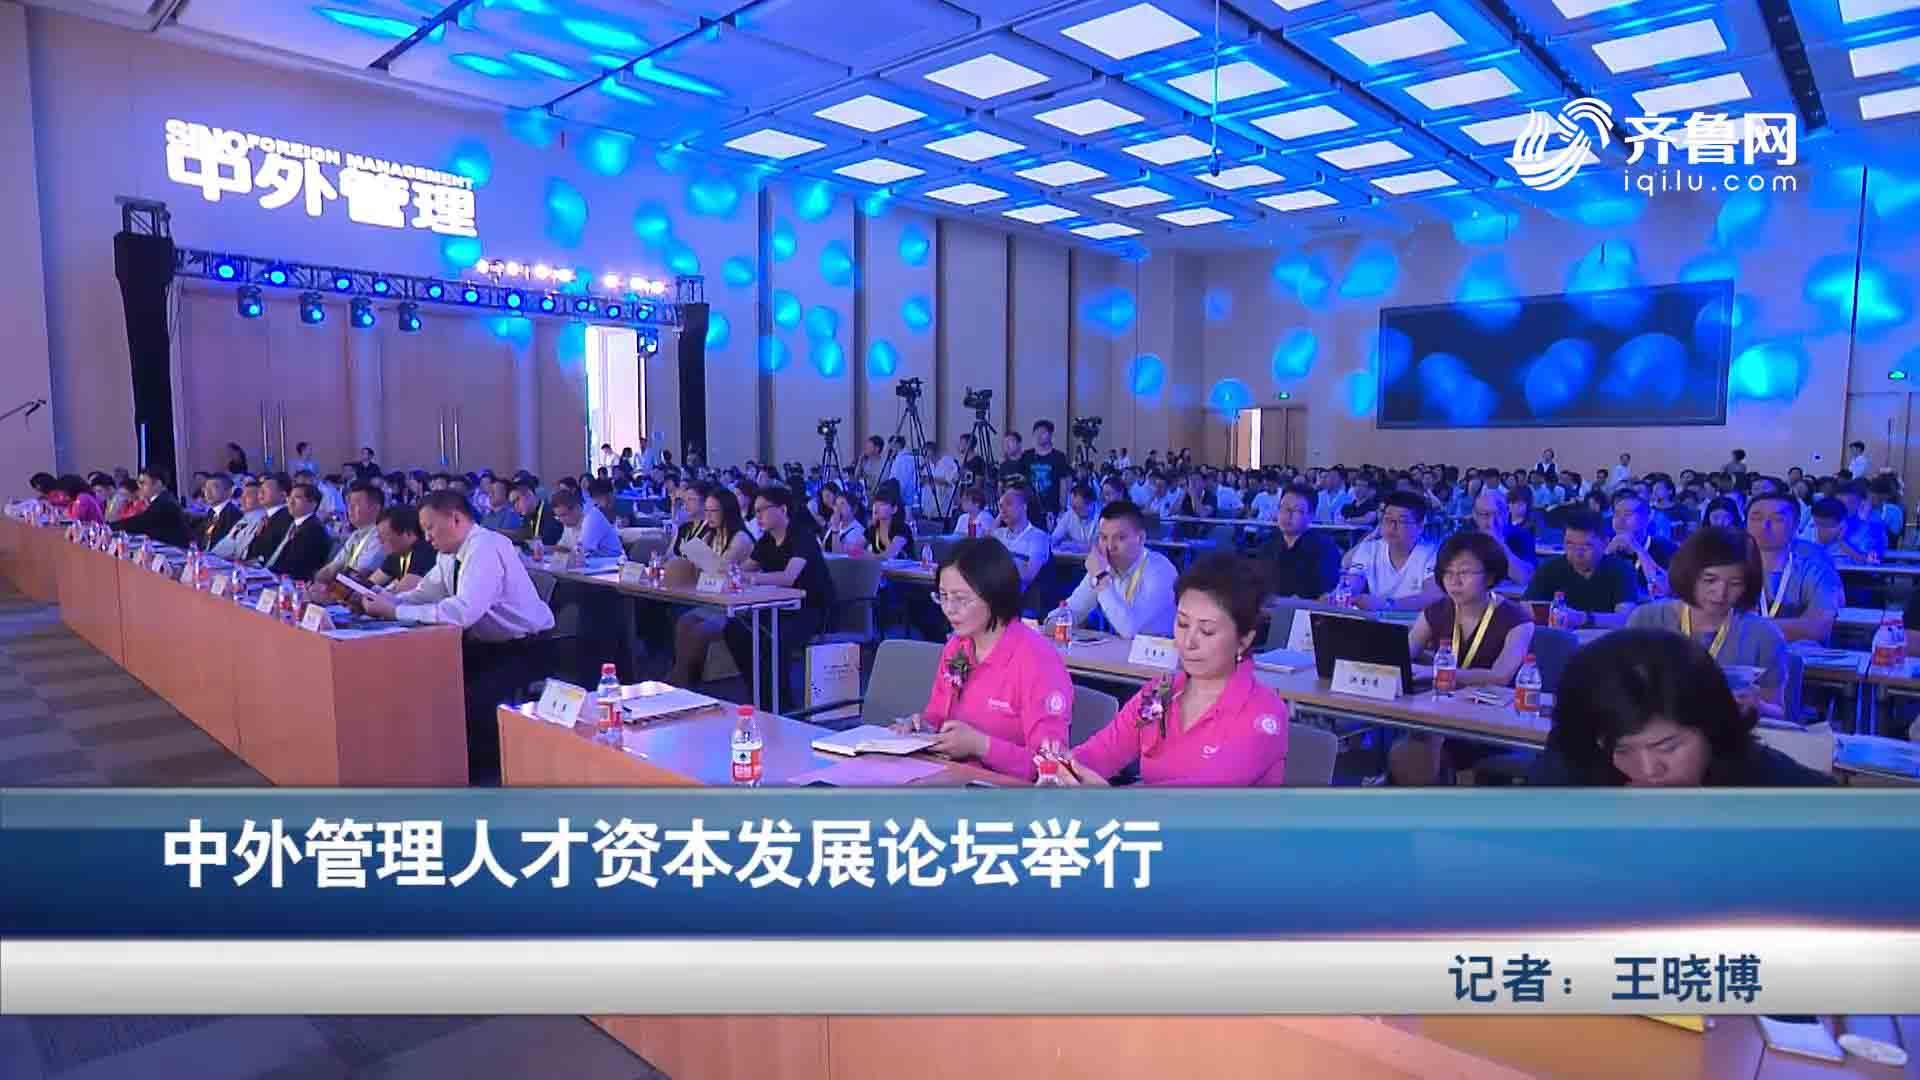 中外管理人才资本发展论坛举行